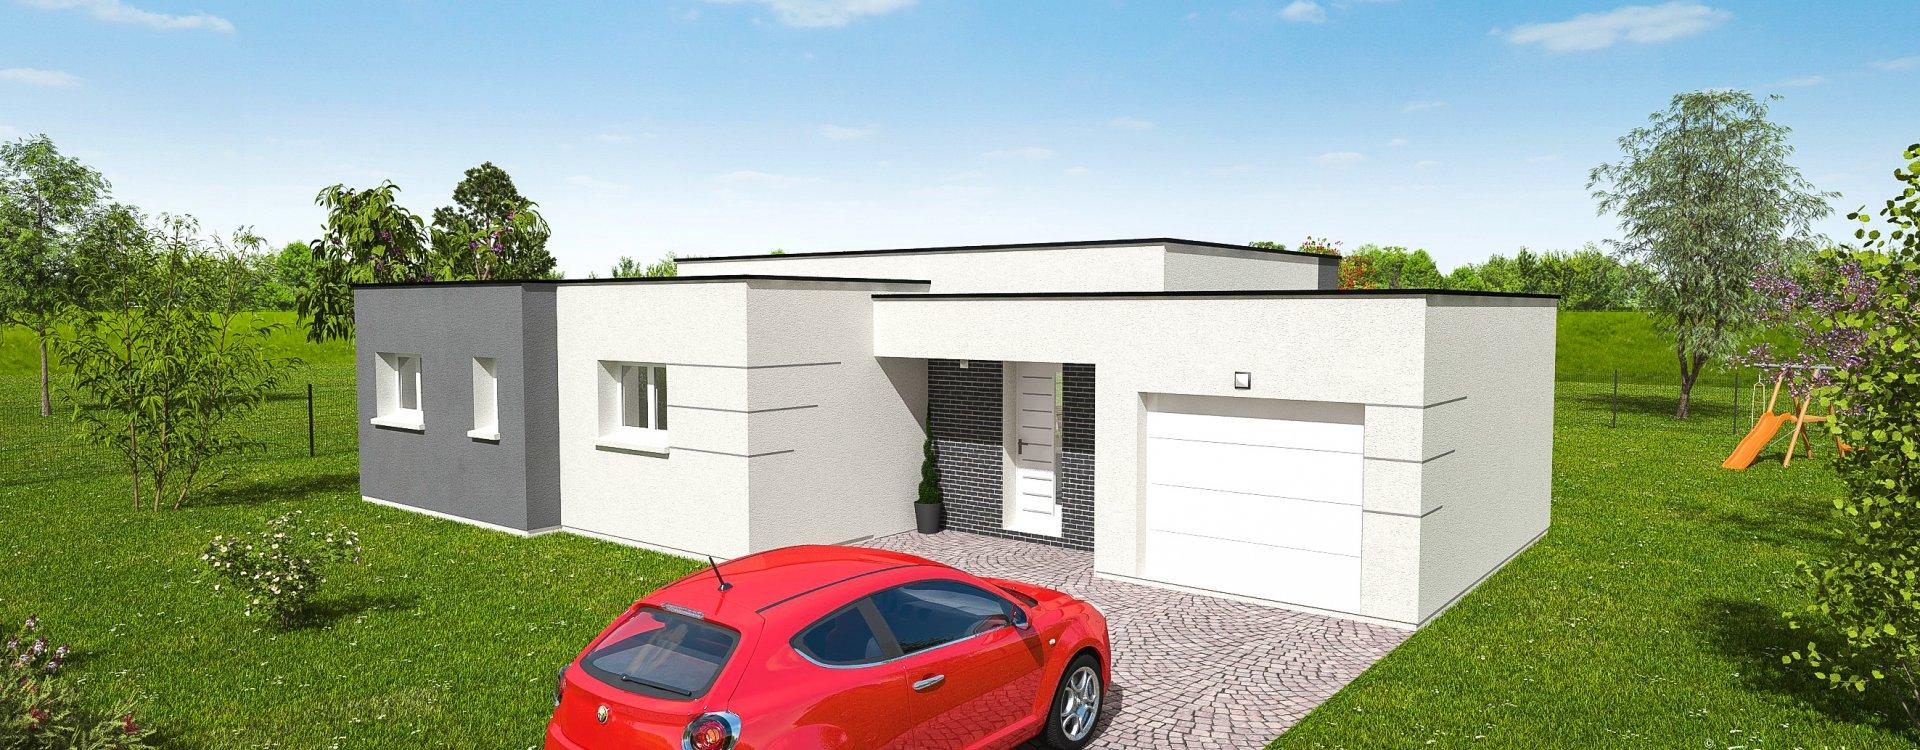 Maisons + Terrains du constructeur EASY HOUSE FRANCE • 79 m² • LE BARDON